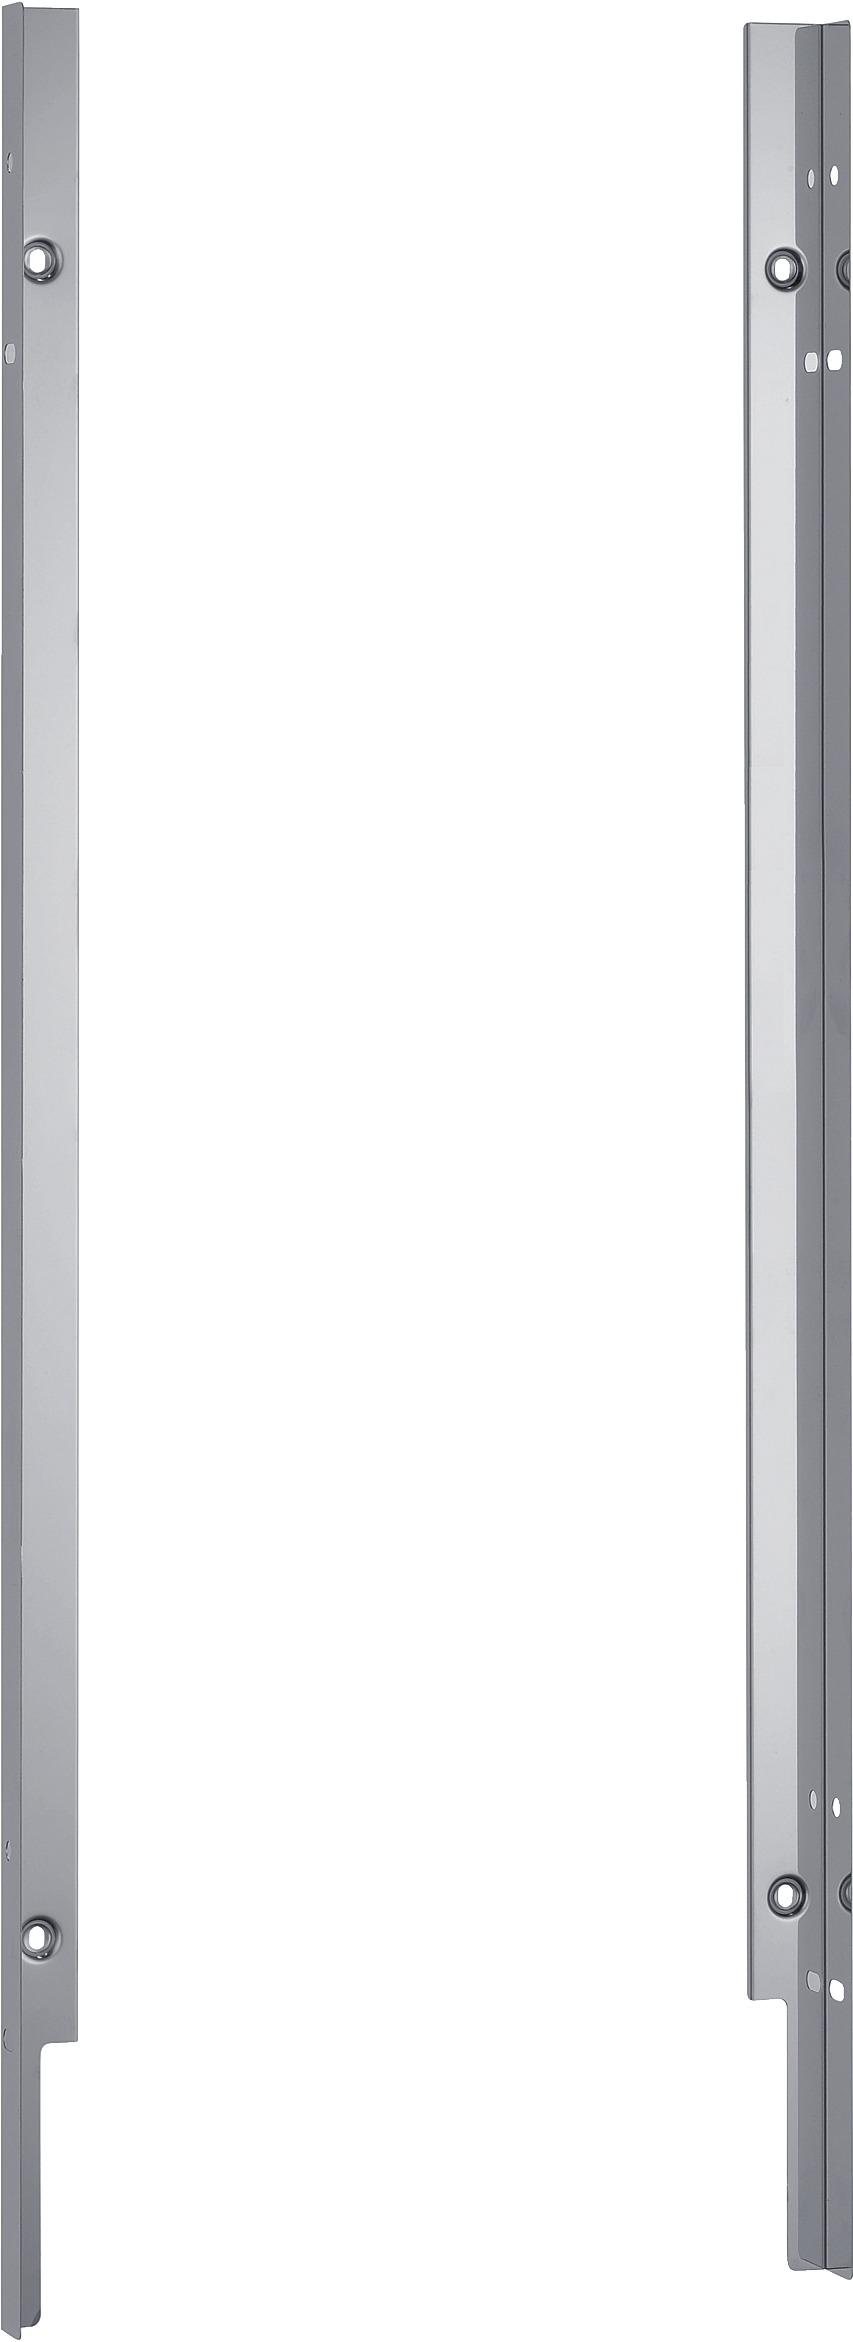 Bosch SMZ5006 Vaatwassers accessoire Aluminium